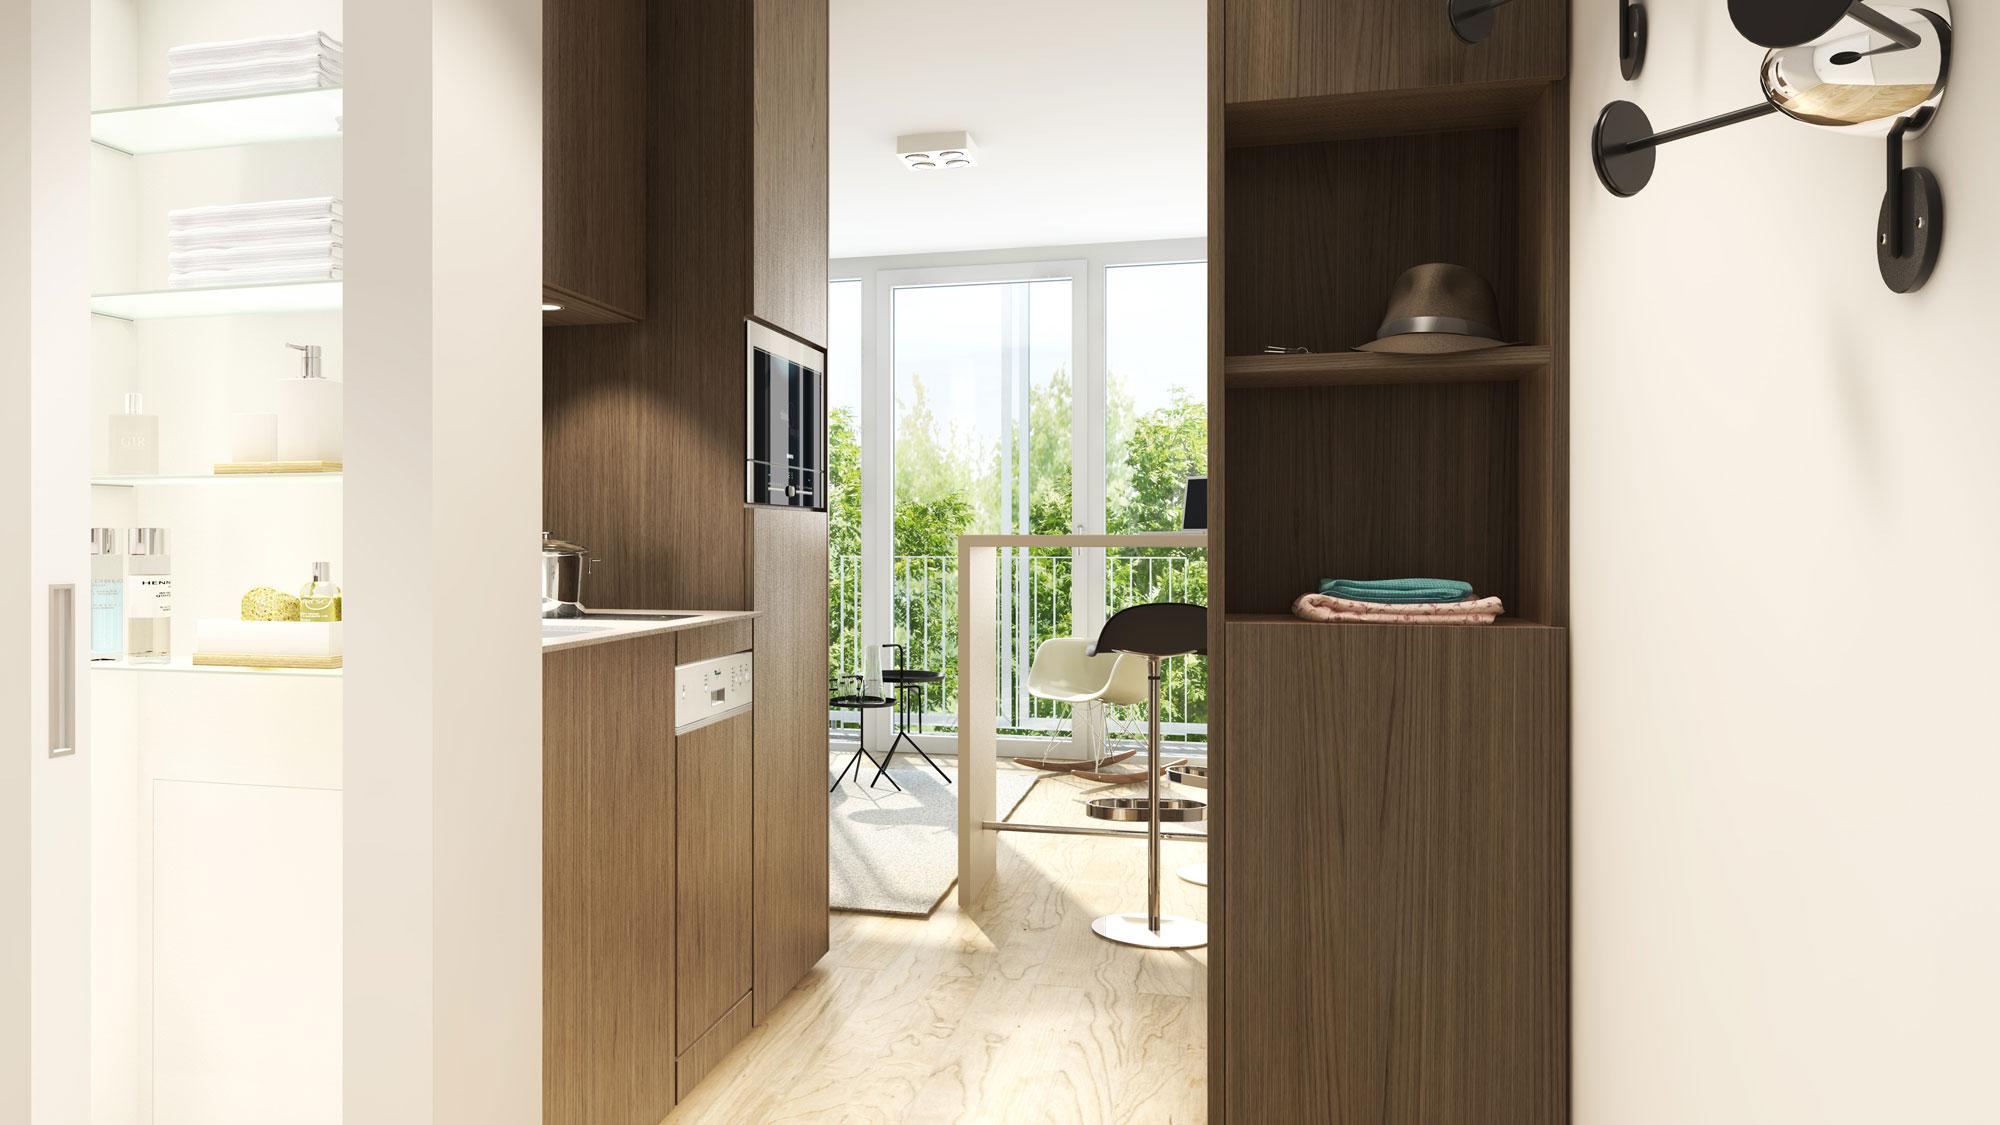 Blick in eines der studiomuc Mikroappartments in München mit Bad, Kochbereich und Wohnzimmer mit angrenzendem Balkon